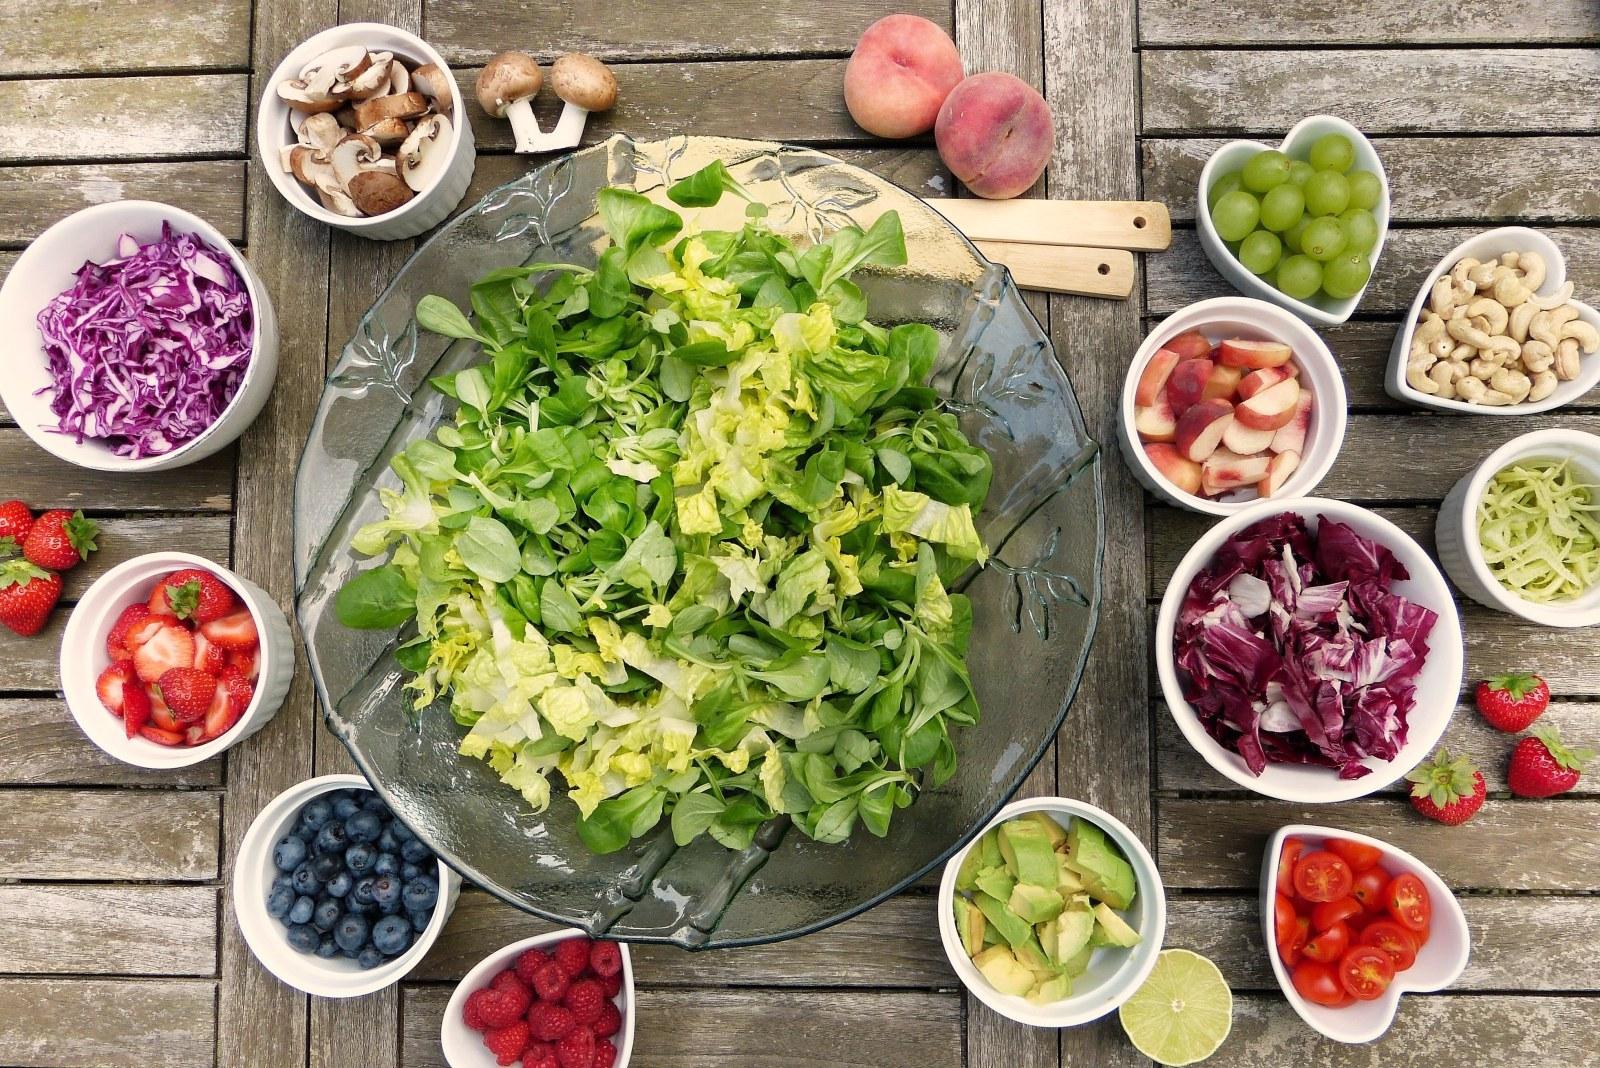 Top Foods Low in Calories